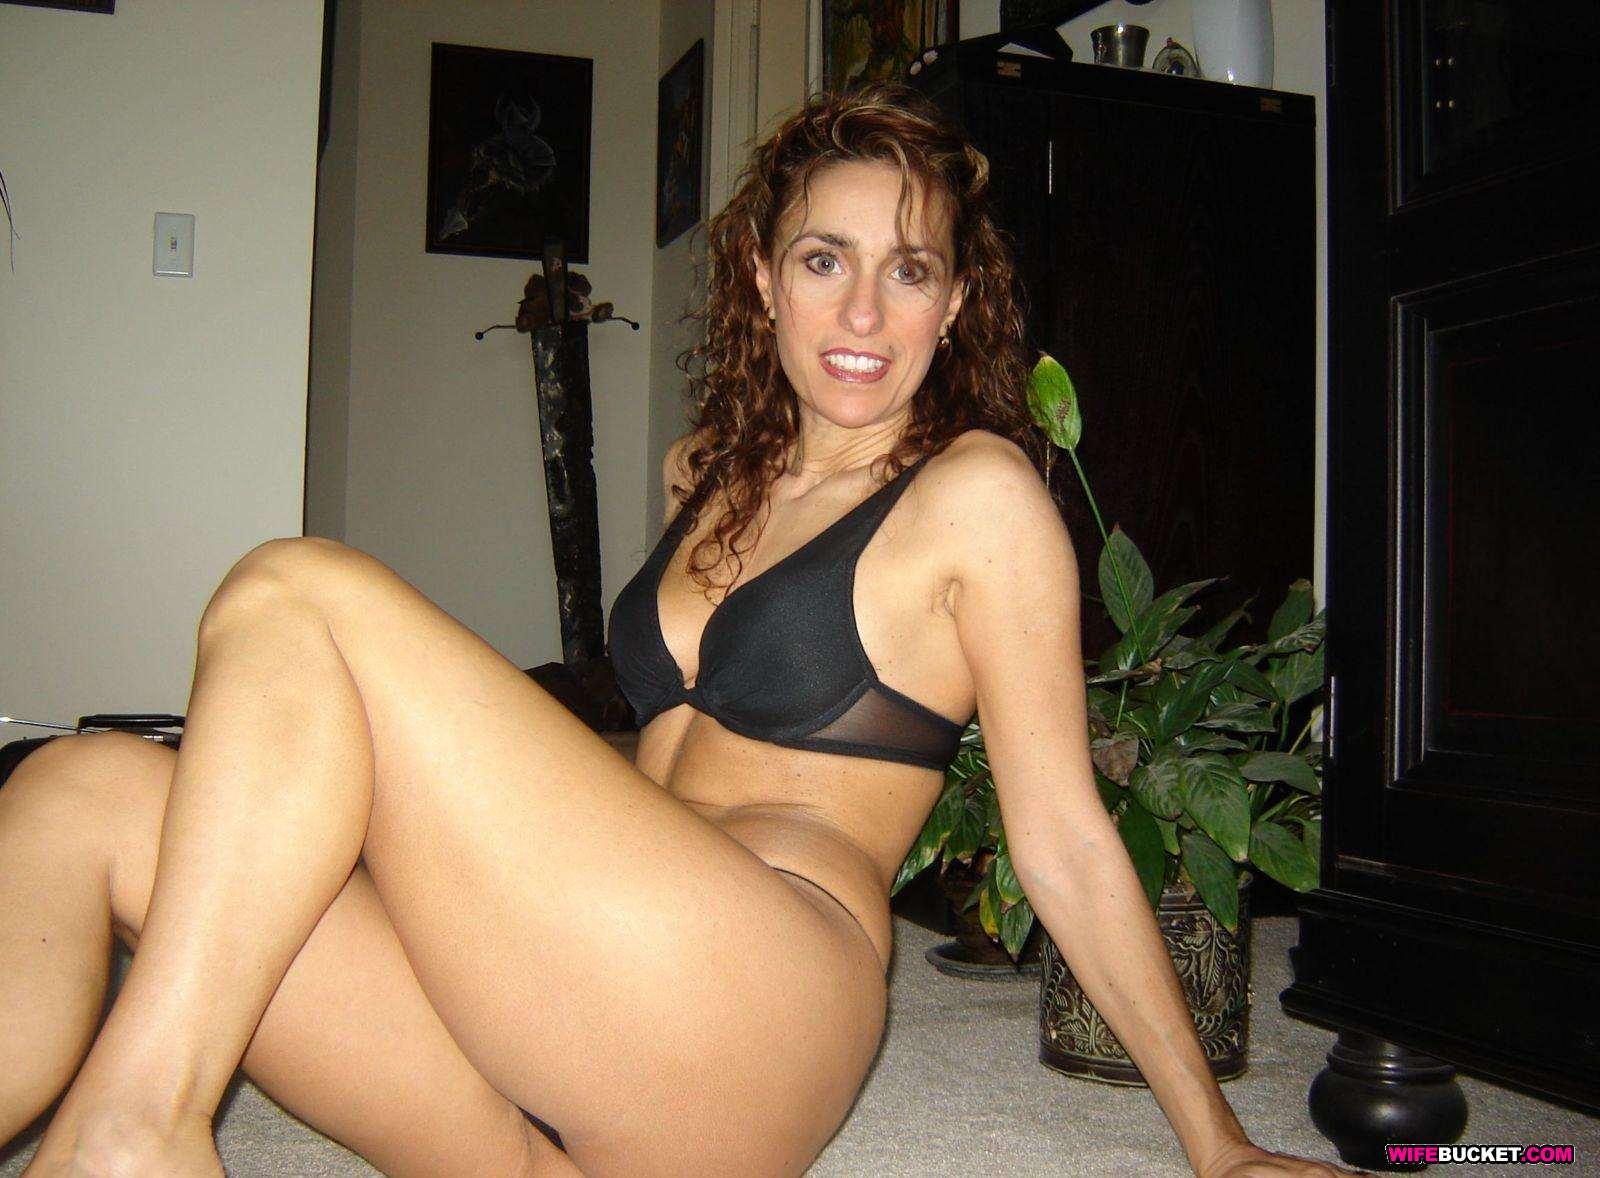 amateur brunette milf wife nude